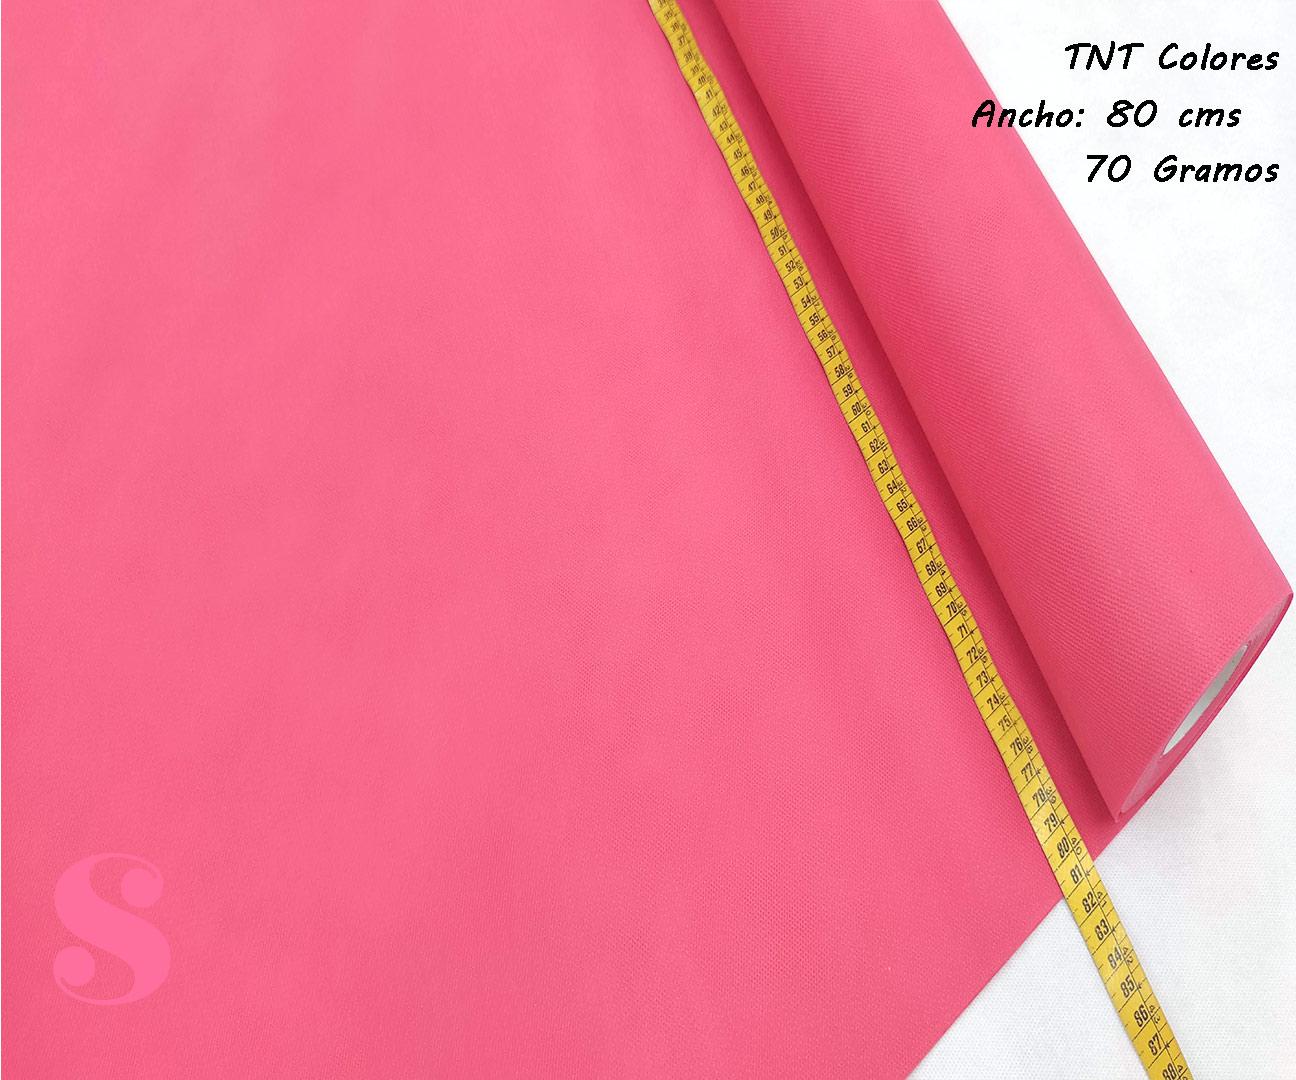 5 METROS Tela TNT Rosa Fresa,tnt-fresa-tejido-no-tejido-proteccion-virus-seguro